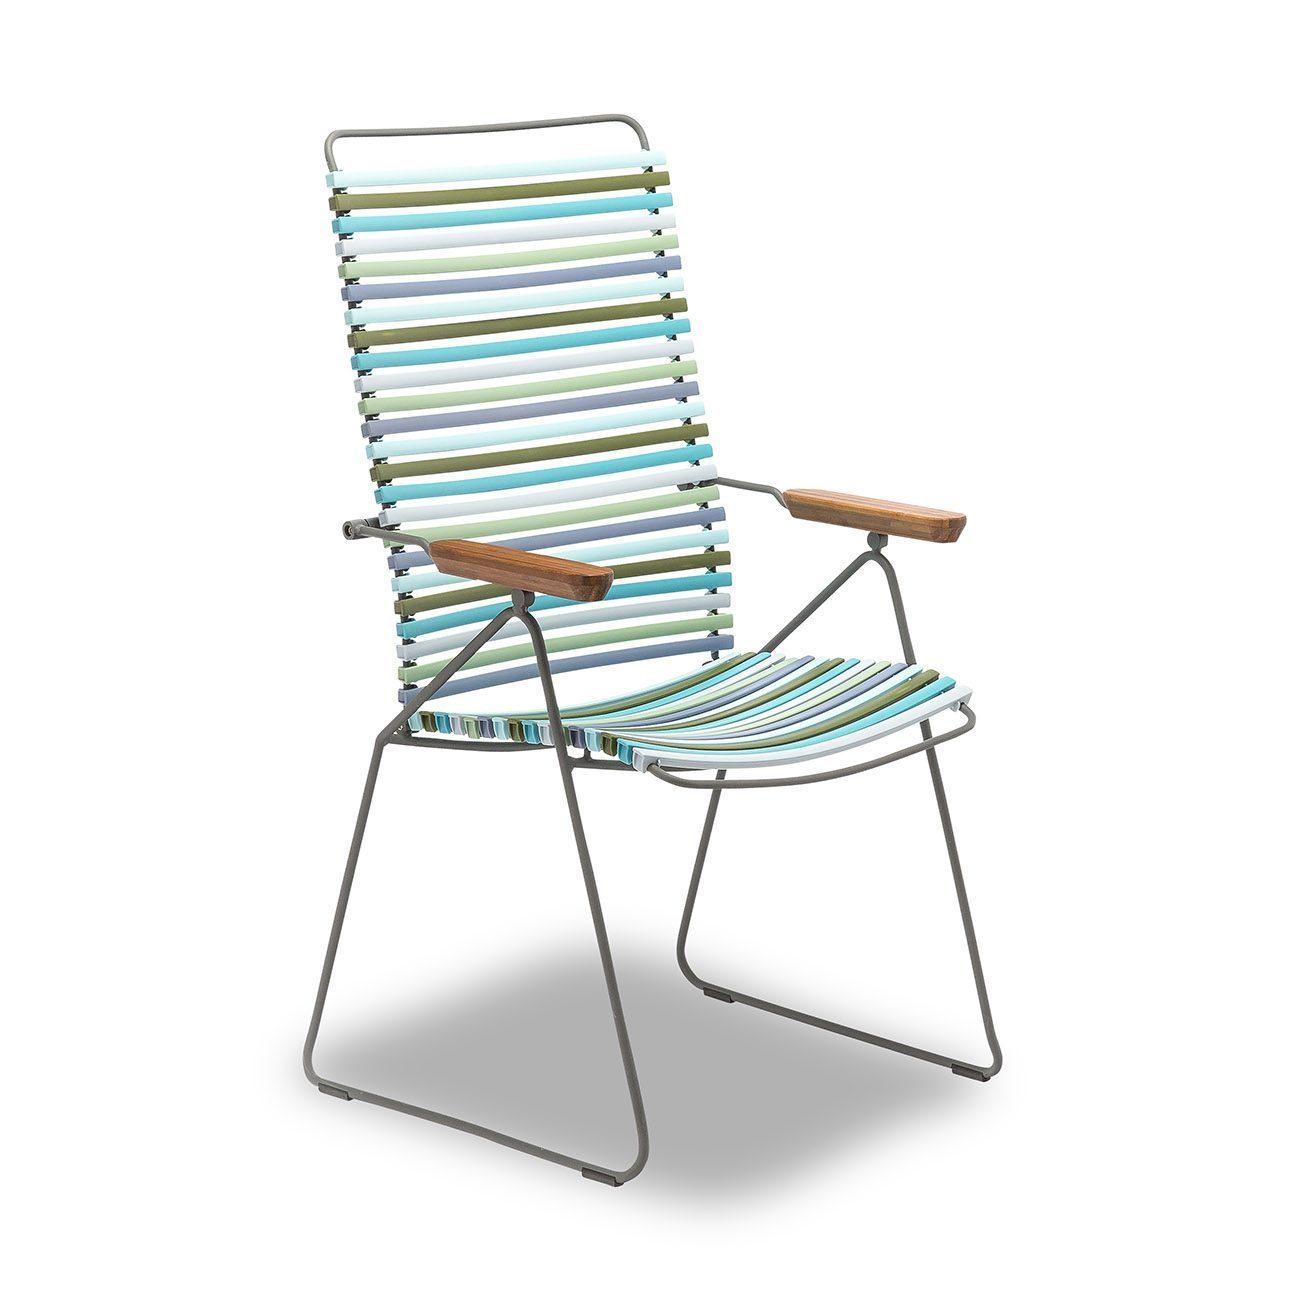 En click positionsstol från Houe i olika nyanser av grön och blå.